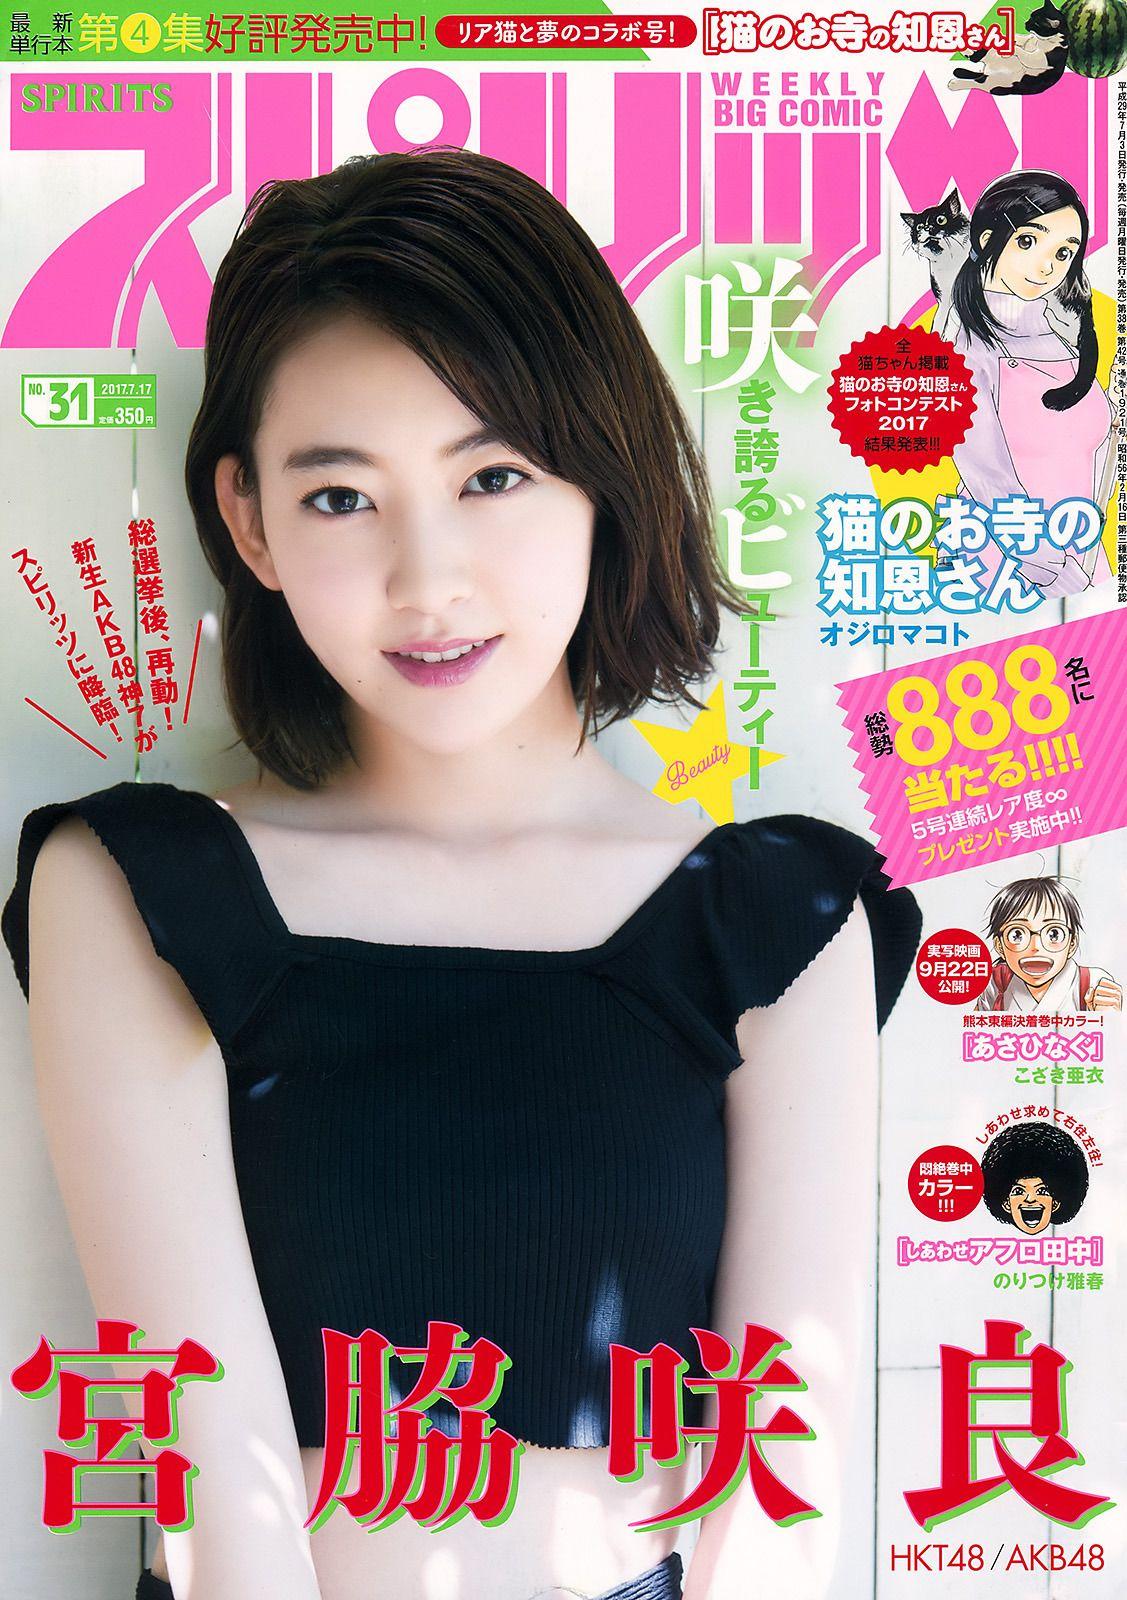 miyawaki sakura 宮脇咲良 hkt48 big comic spirits 2017 07 17 no 31 週刊スピリッツ 2017 年31号 amor da minha vida